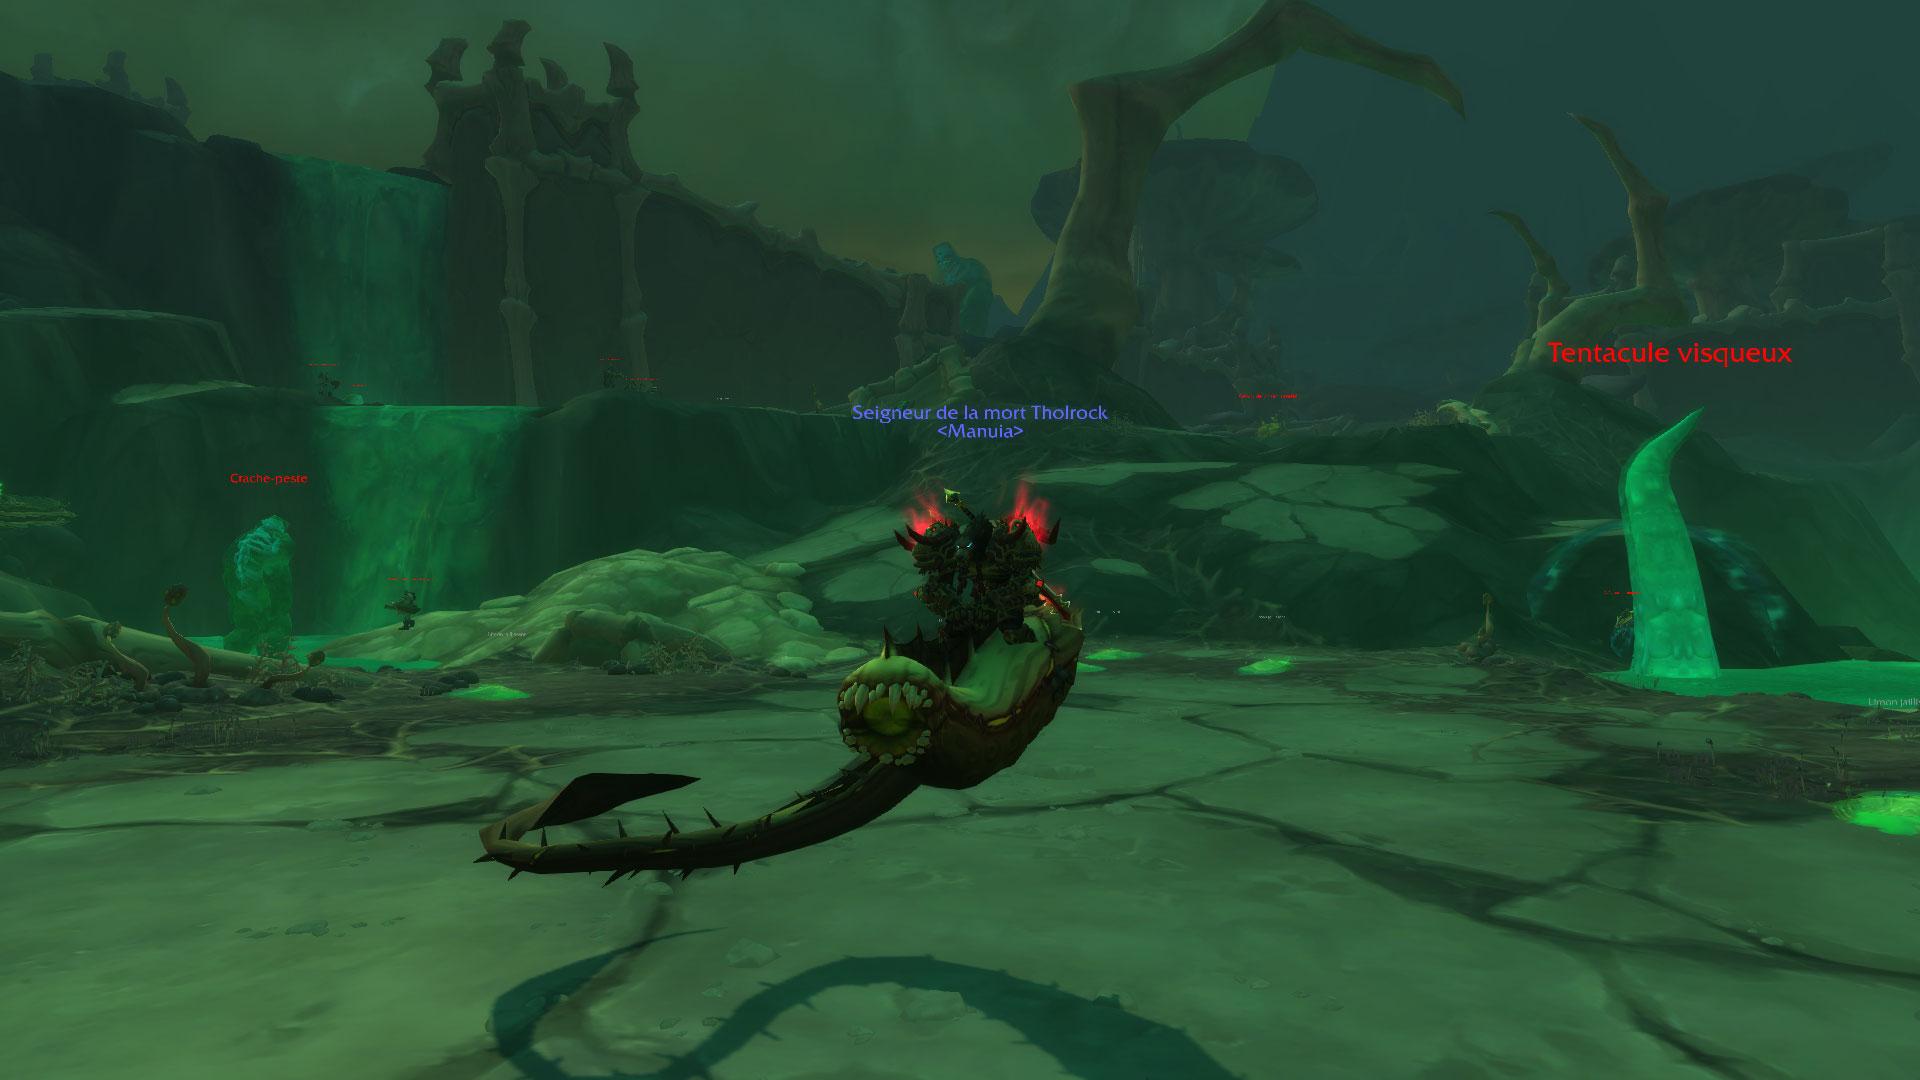 Tholrock et la monture secrète de Shadowlands